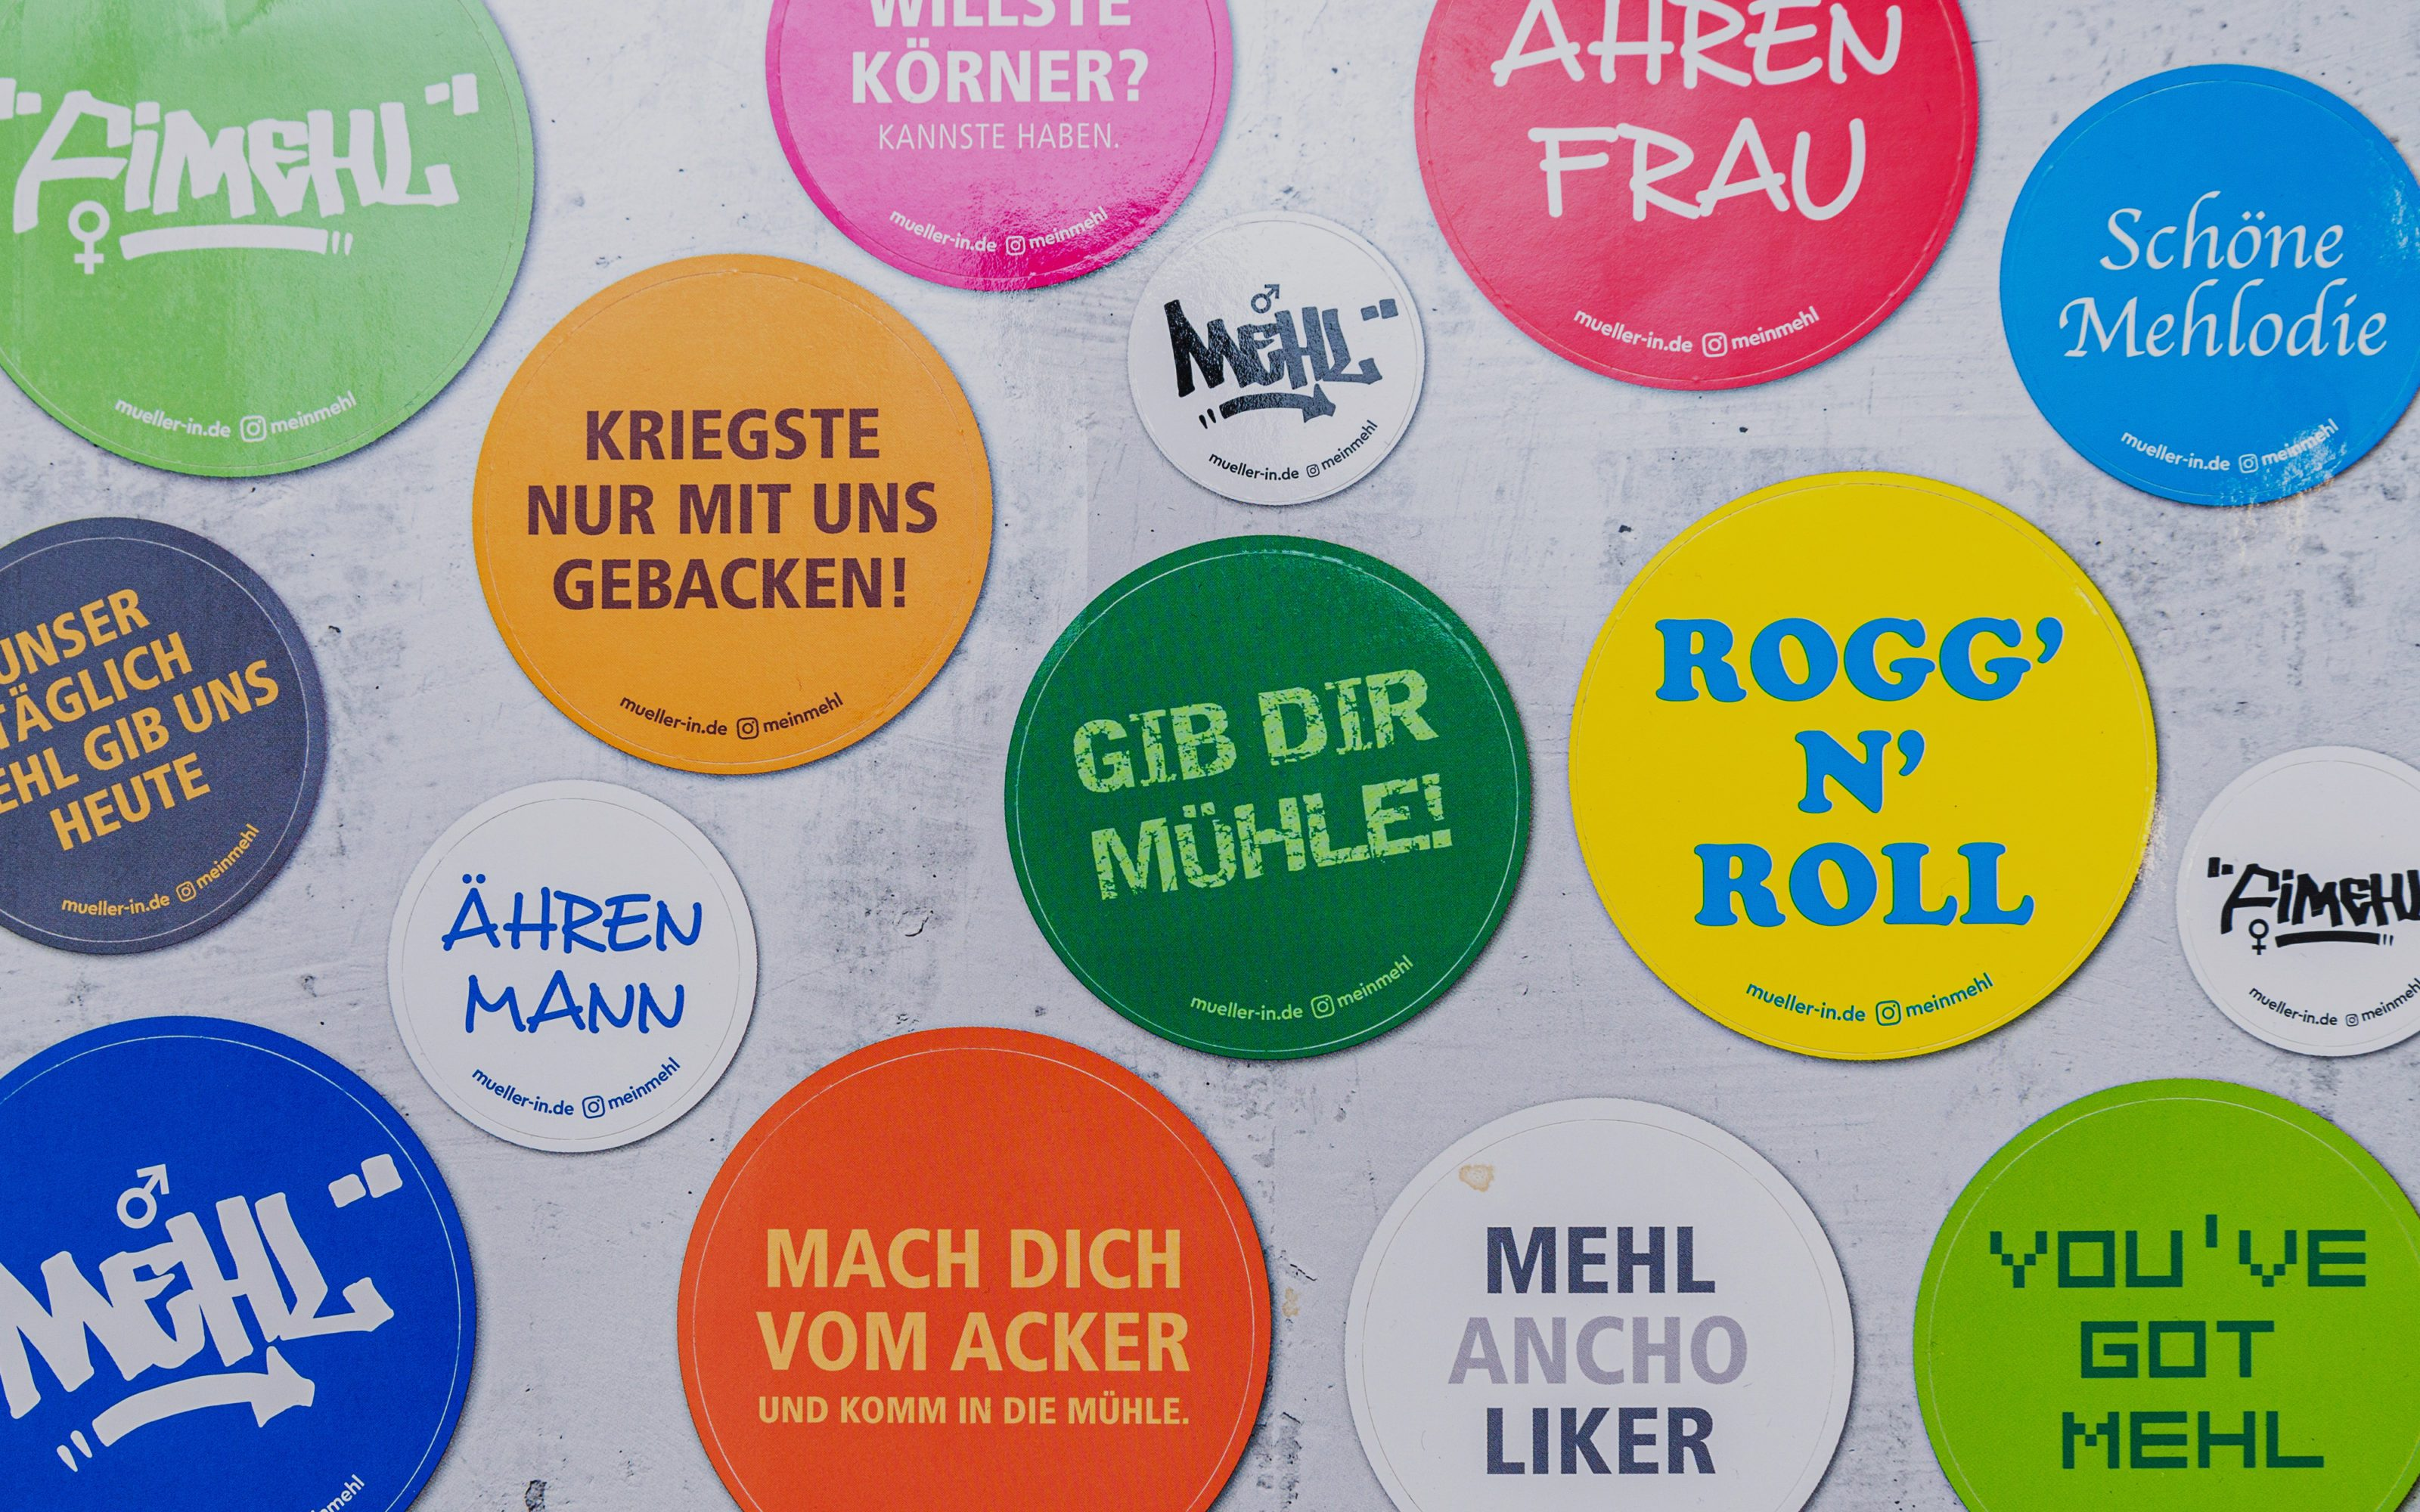 GRACO-VGMS-Social-Media-Kampagne-Projekt